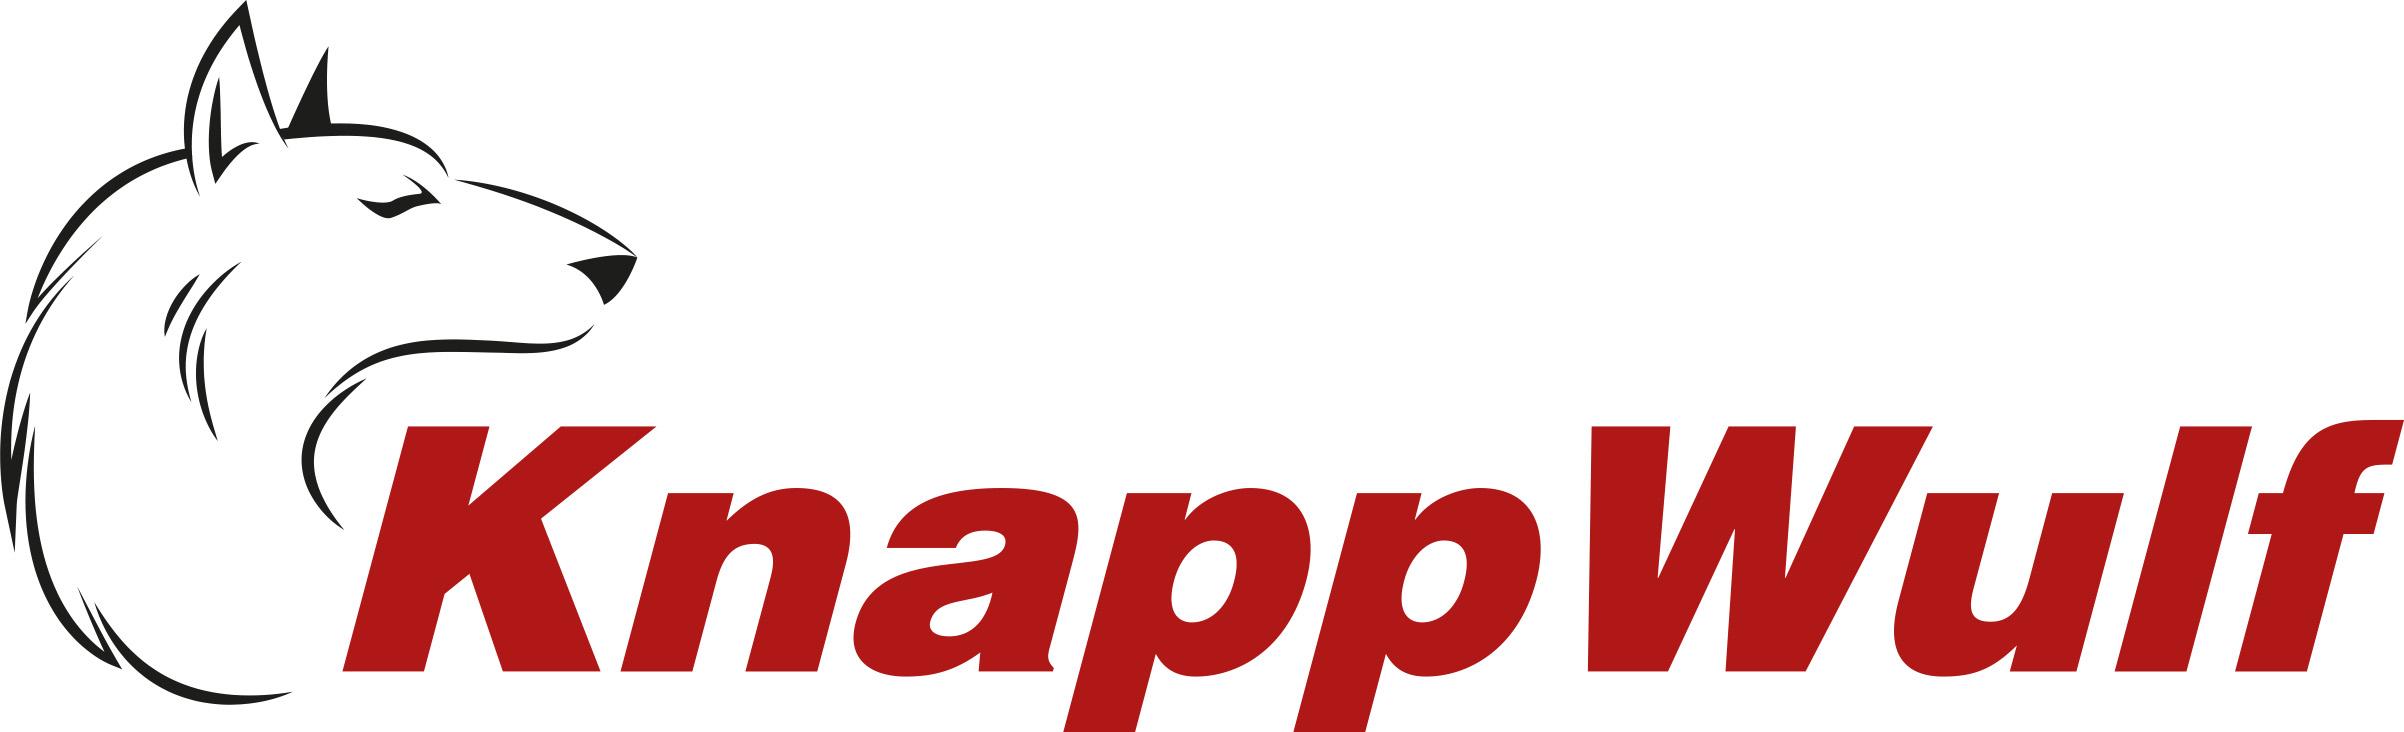 KnappWulf GmbH